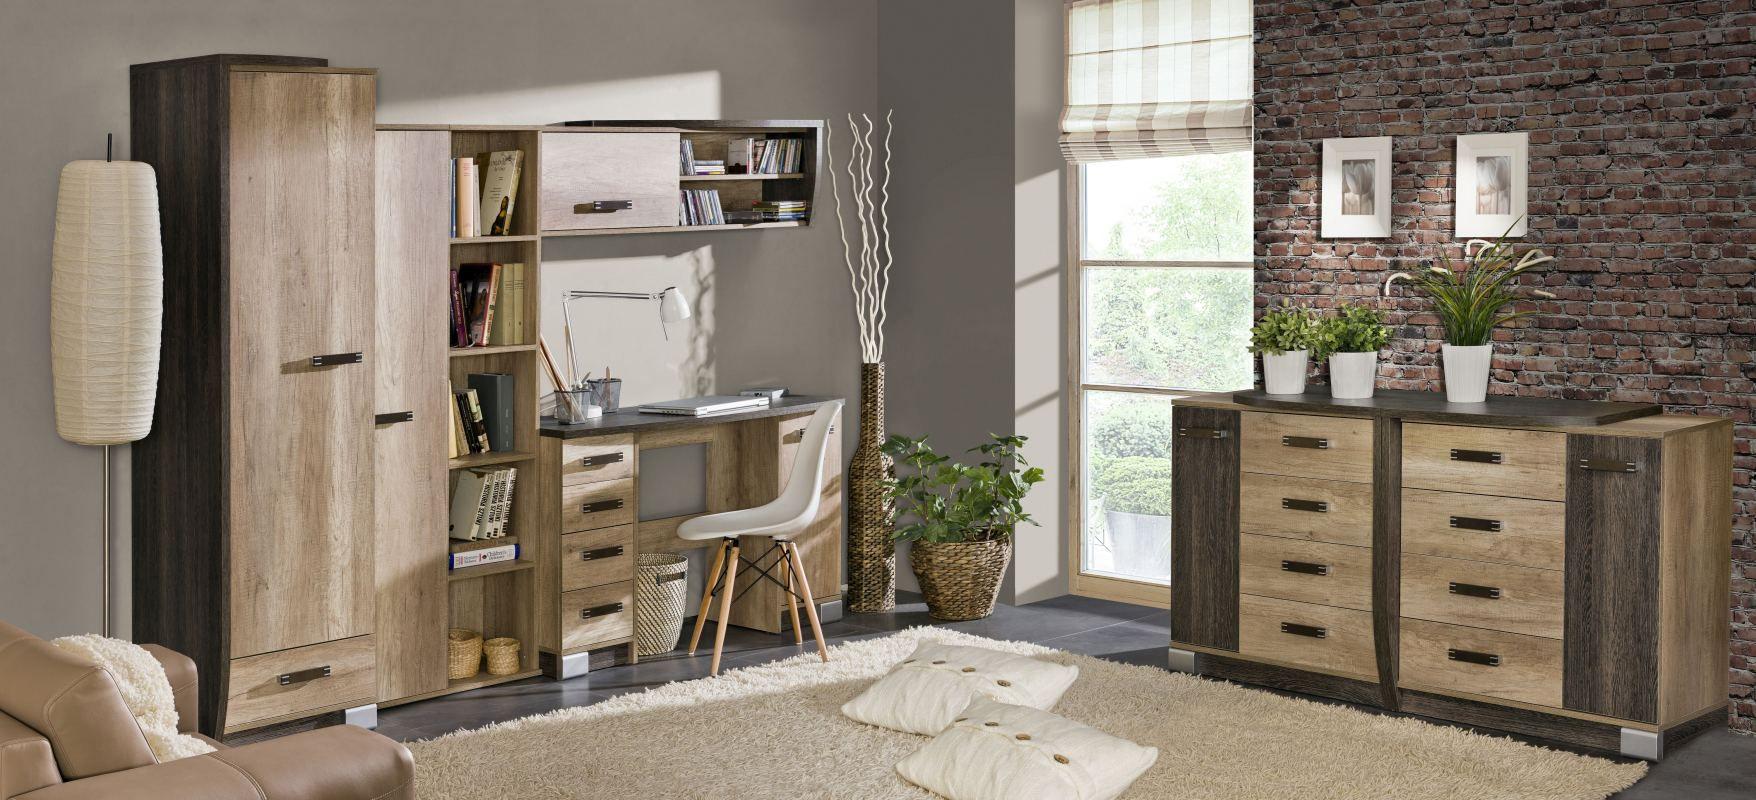 Wohnzimmer Komplett - Set D Sichling, 7-teilig, Farbe: Eiche Braun